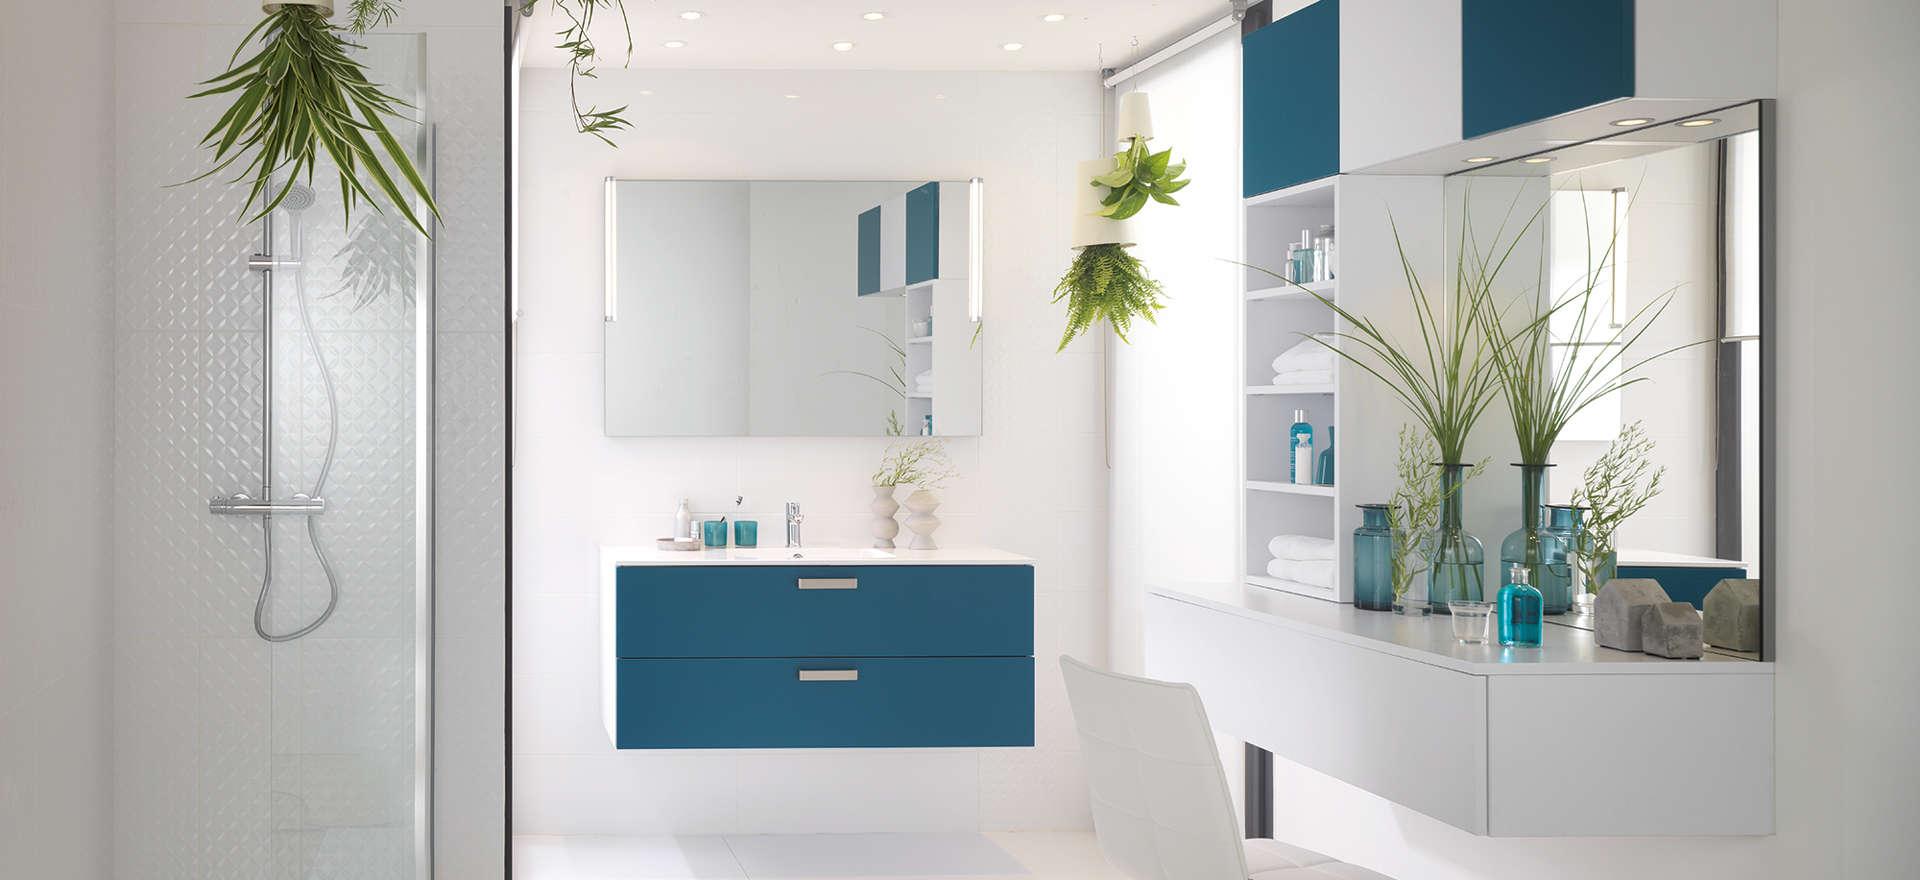 a8a879cc Det giver dig gode muligheder for at designe lige nøjagtig det badeværelse,  du allerhelst vil have.